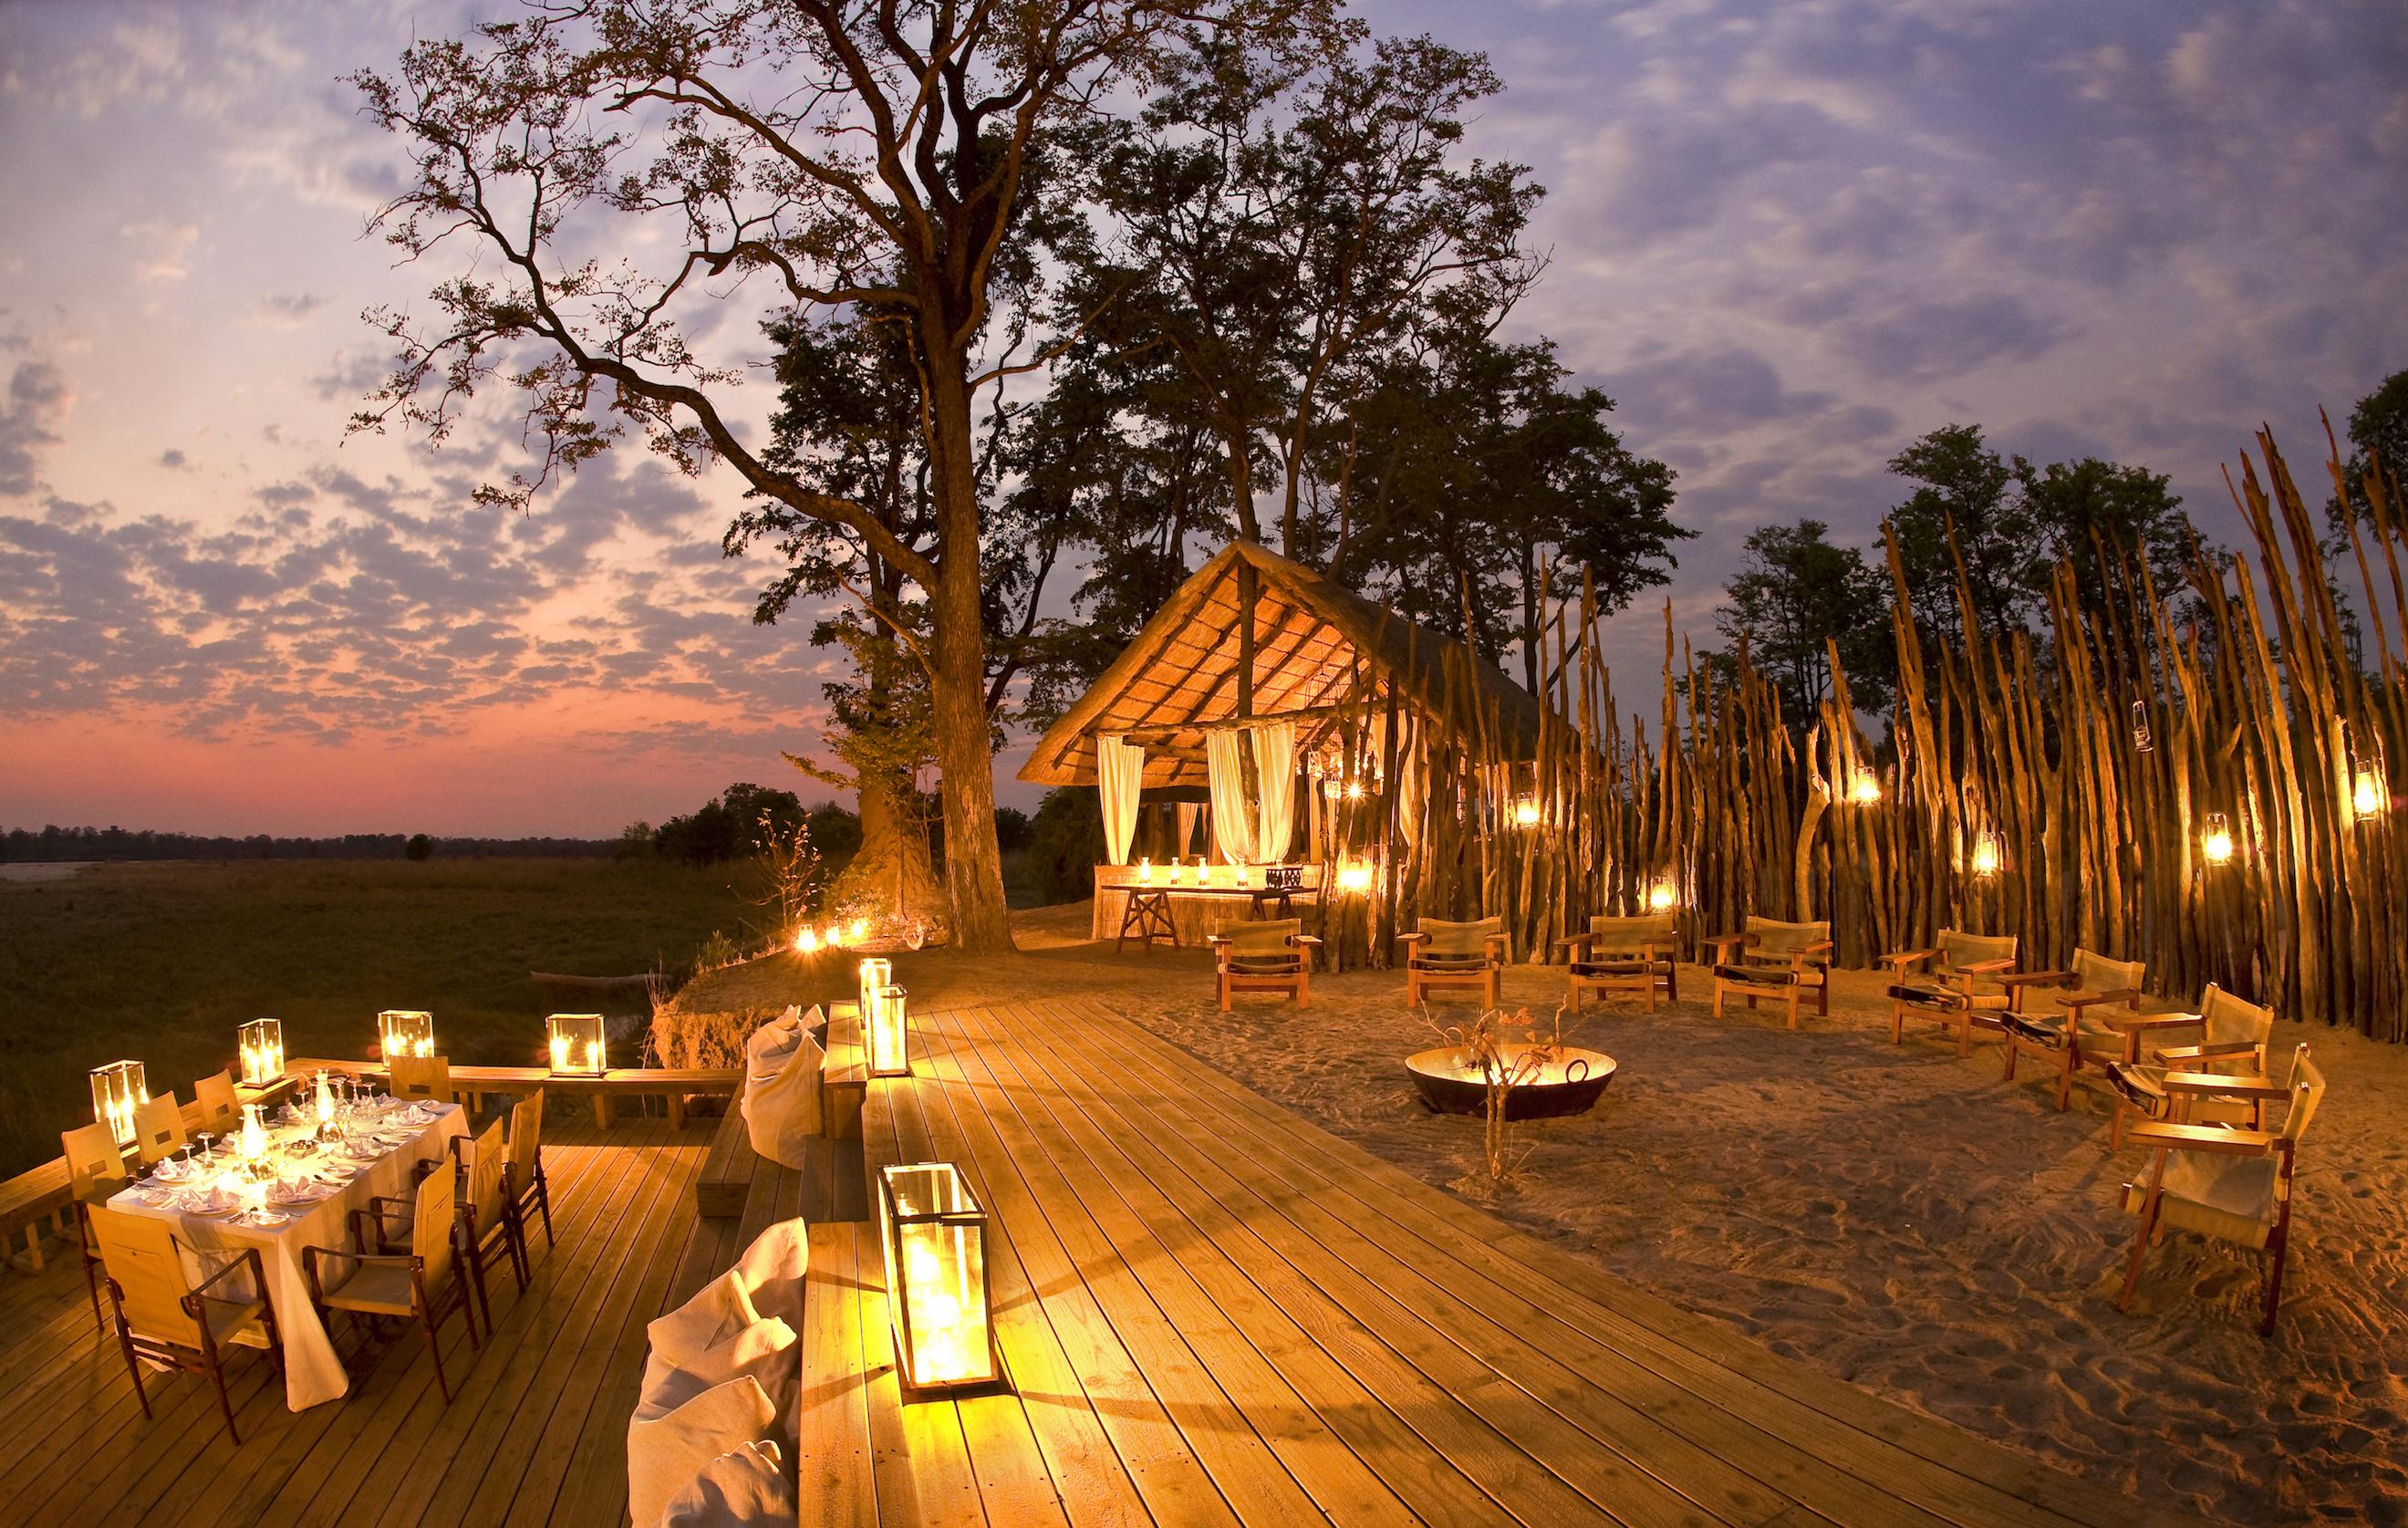 Bushcamp in Zambia